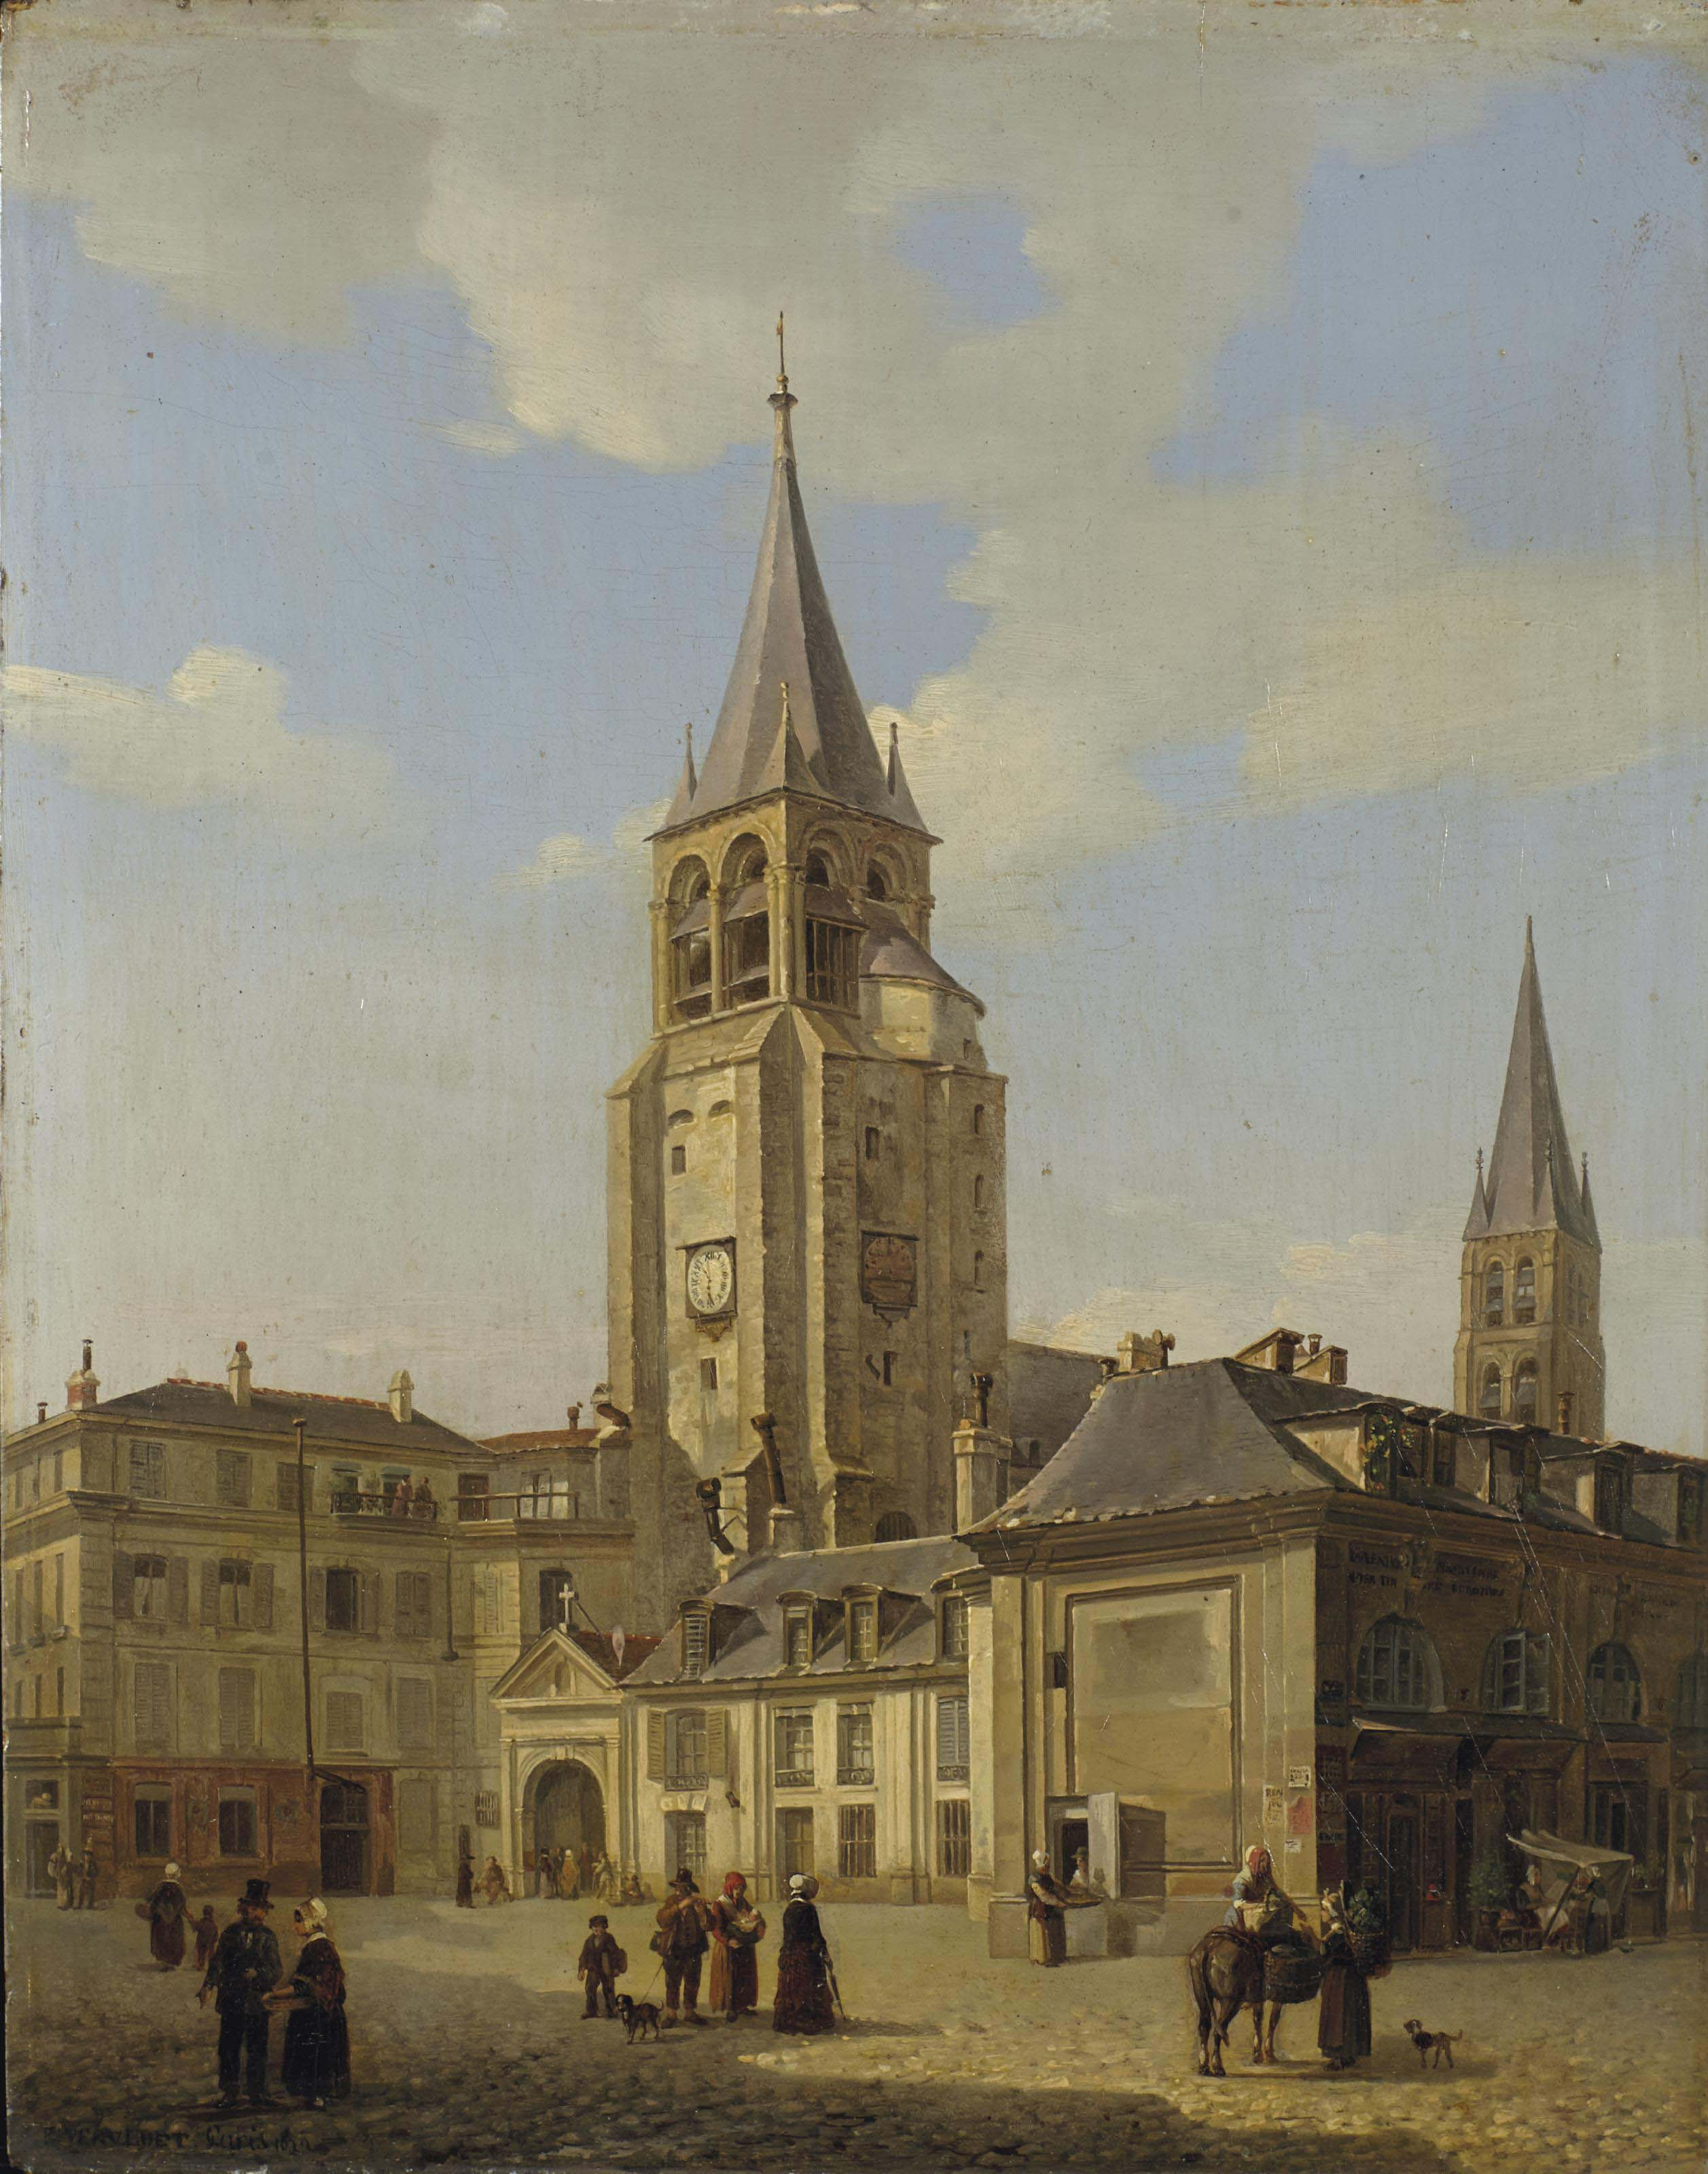 Le parvis de l'église de Saint-Germain-des-Prés